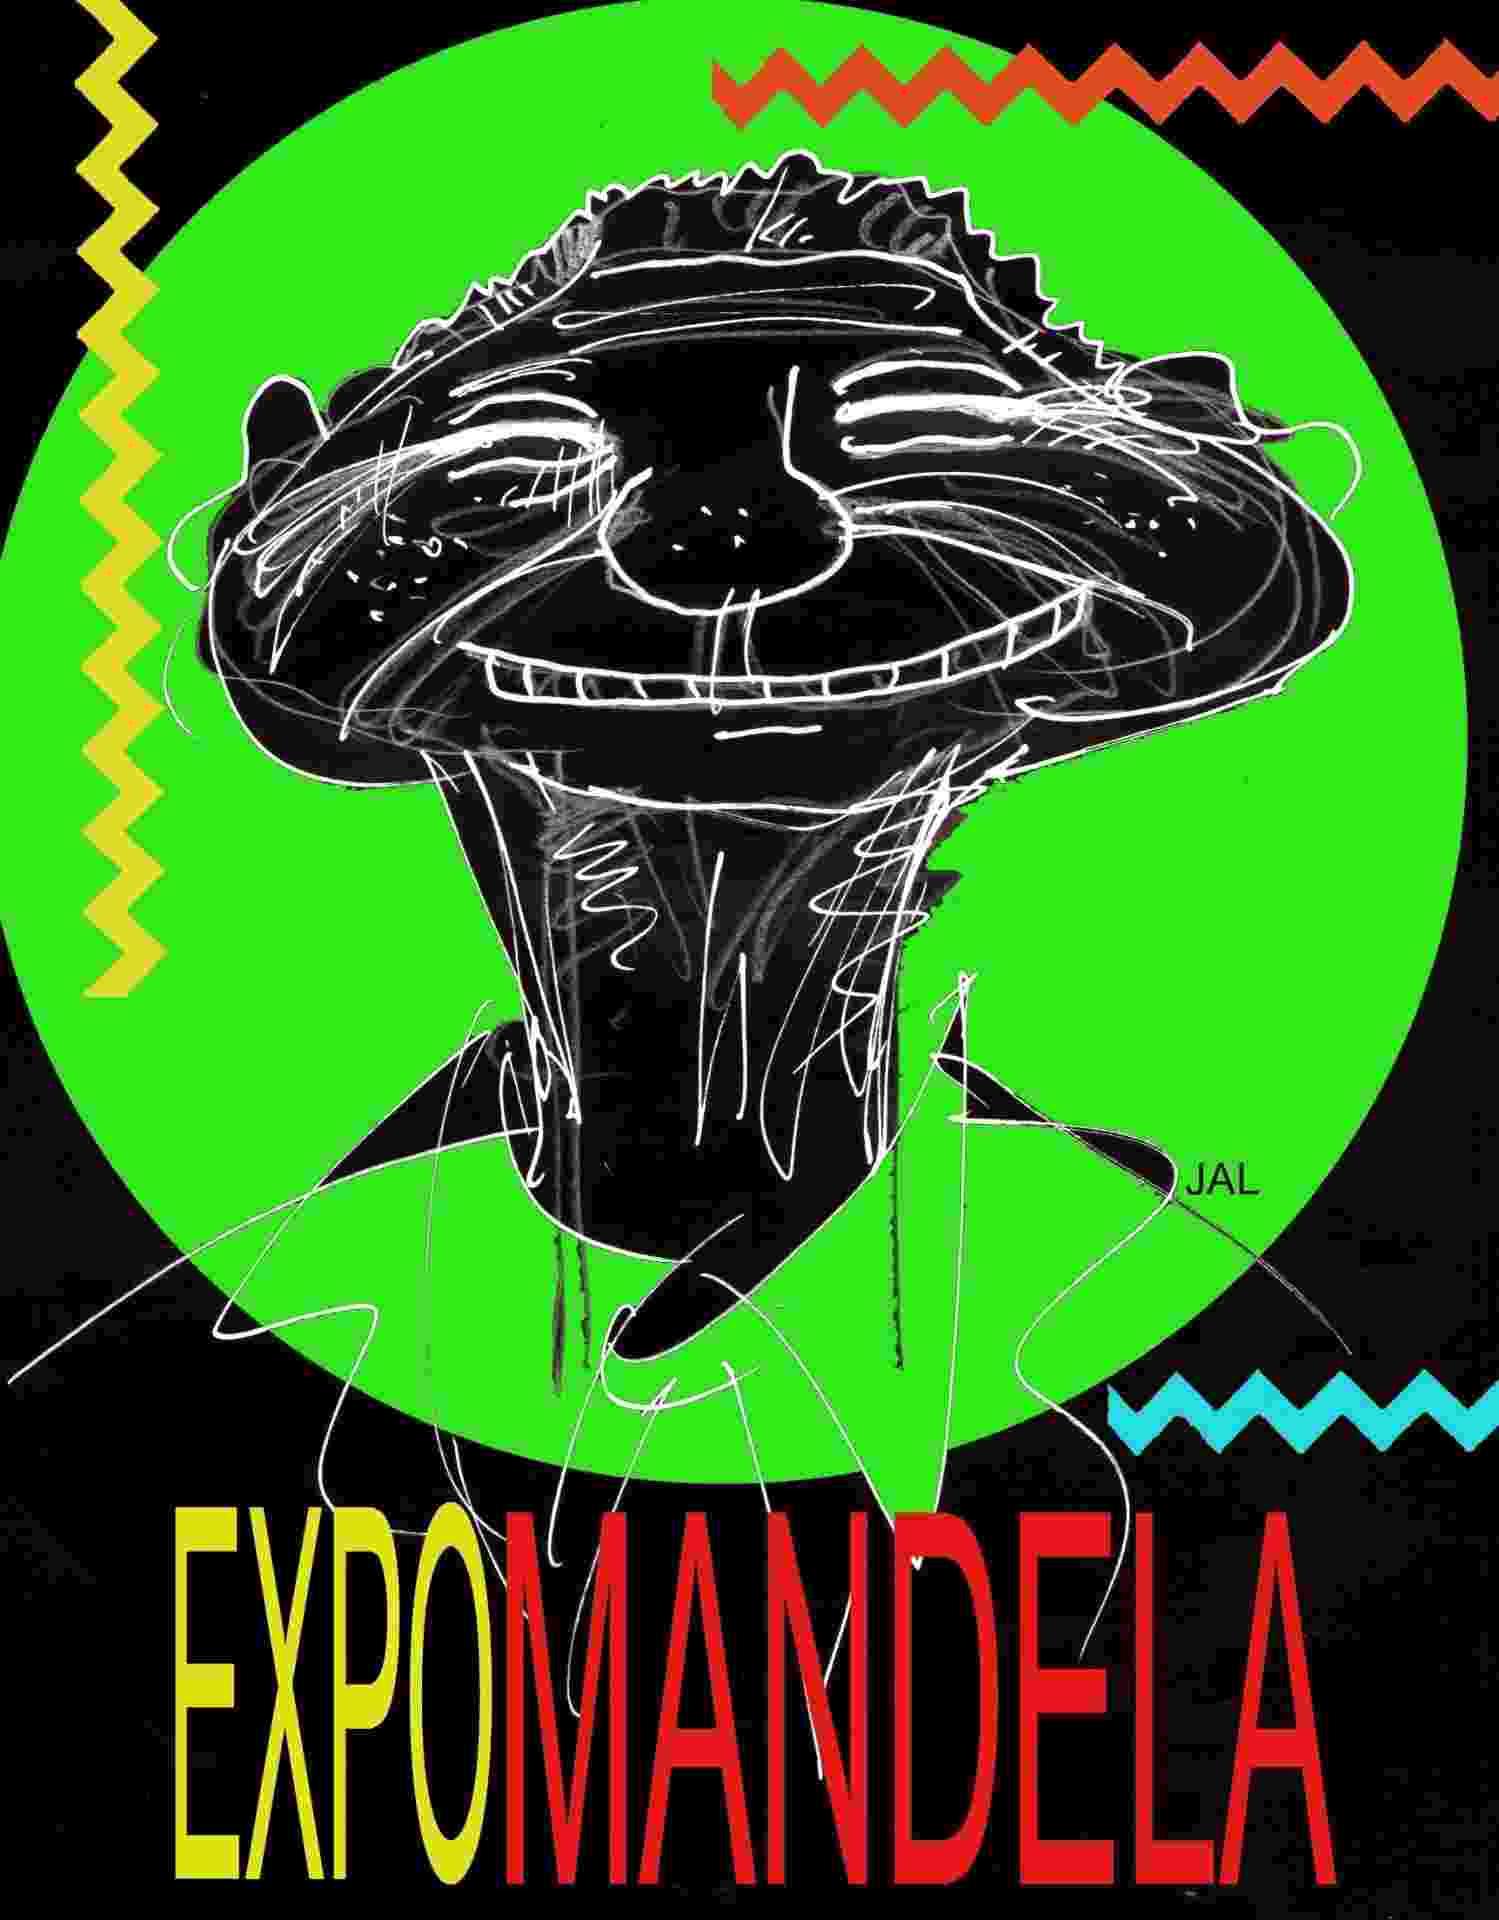 Capa da Flash Expo em homenagem a Nelson Mandela organizada pelo cartunista Jal - Jal